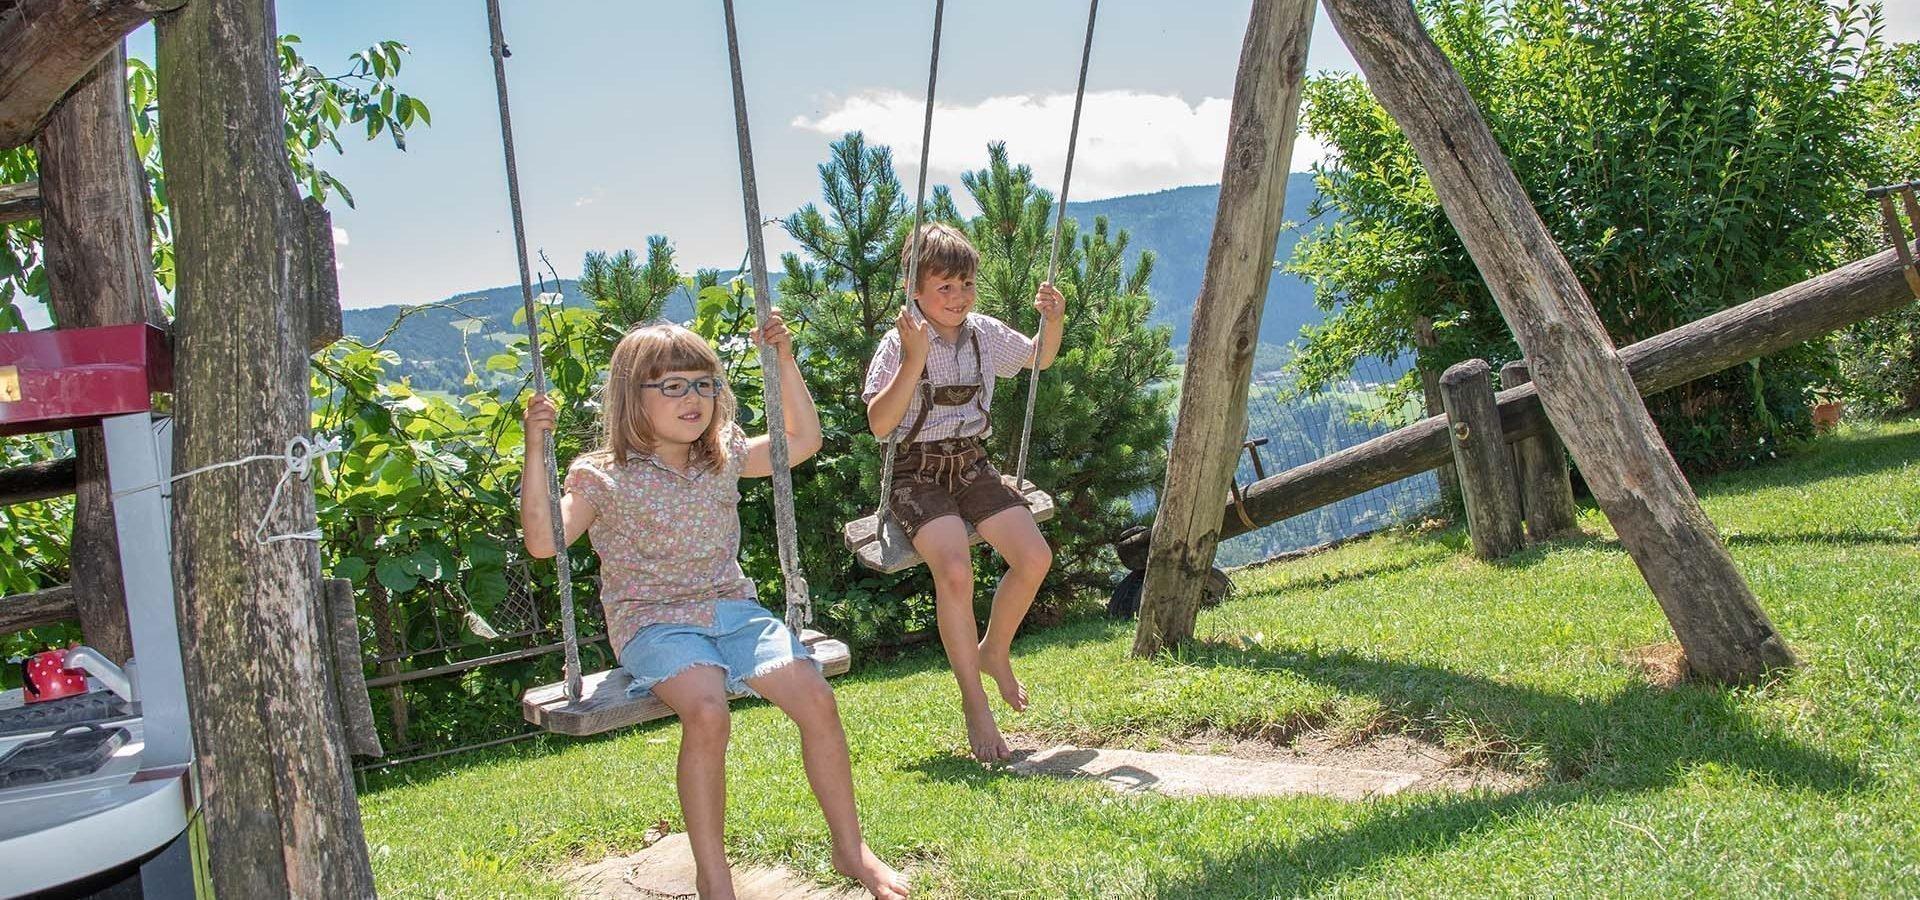 Kinderurlaub in Südtirol auf dem Bauernhof in den Dolomiten